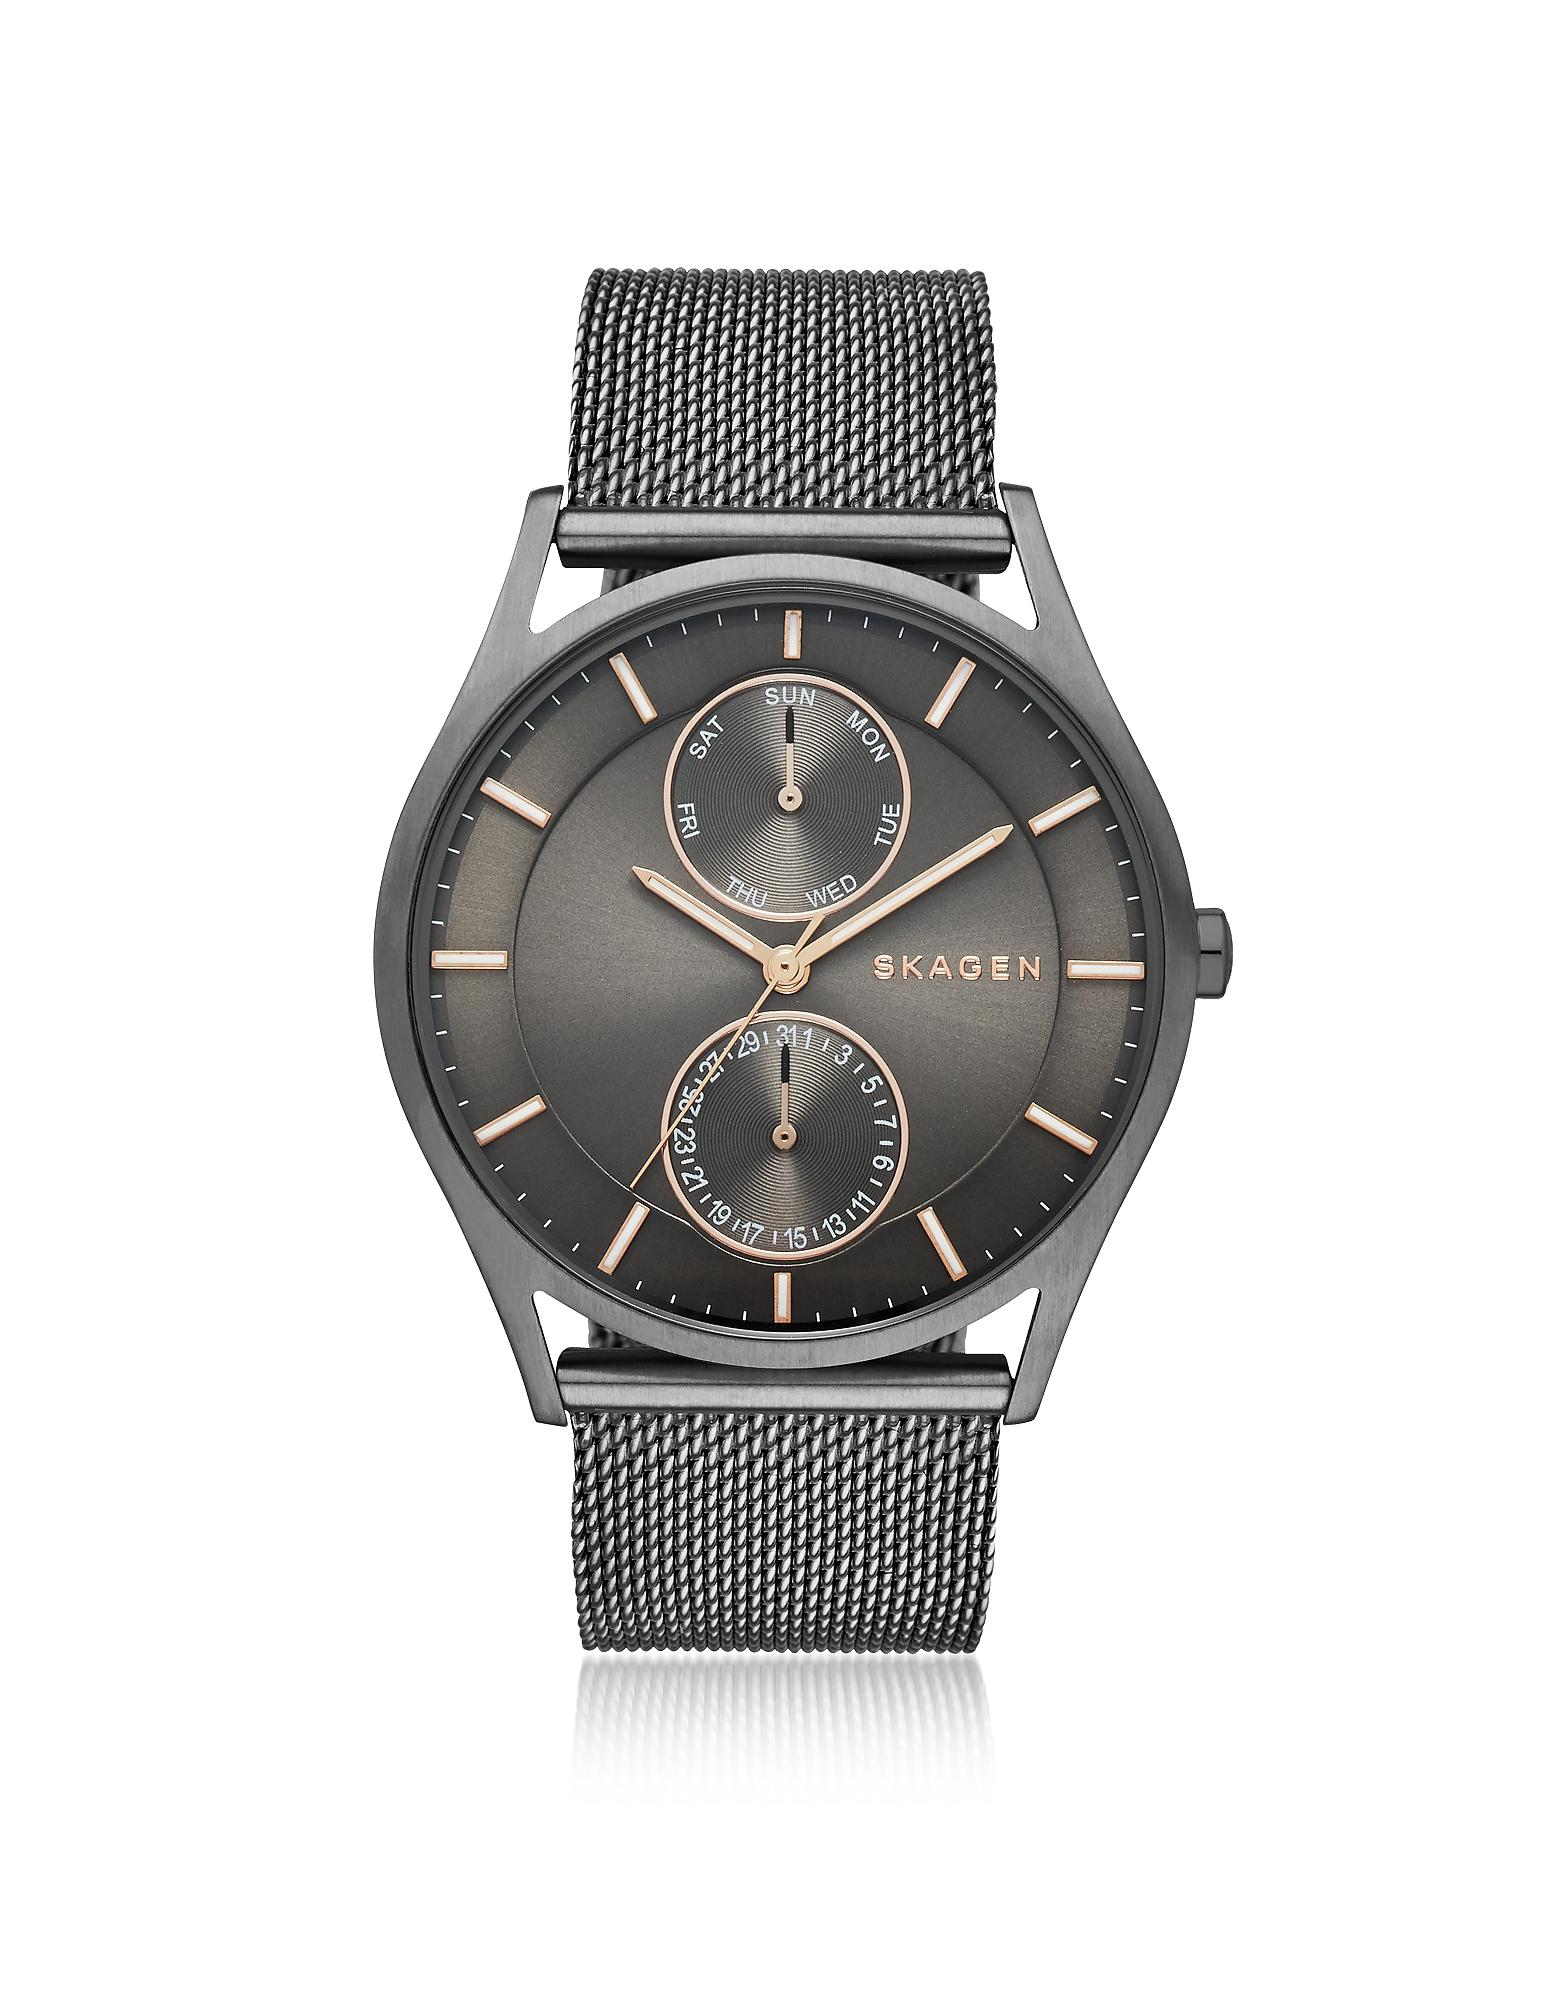 Holst - Серые Мужские Часы из Нержавеющей Стали с Сетчатым Браслетом